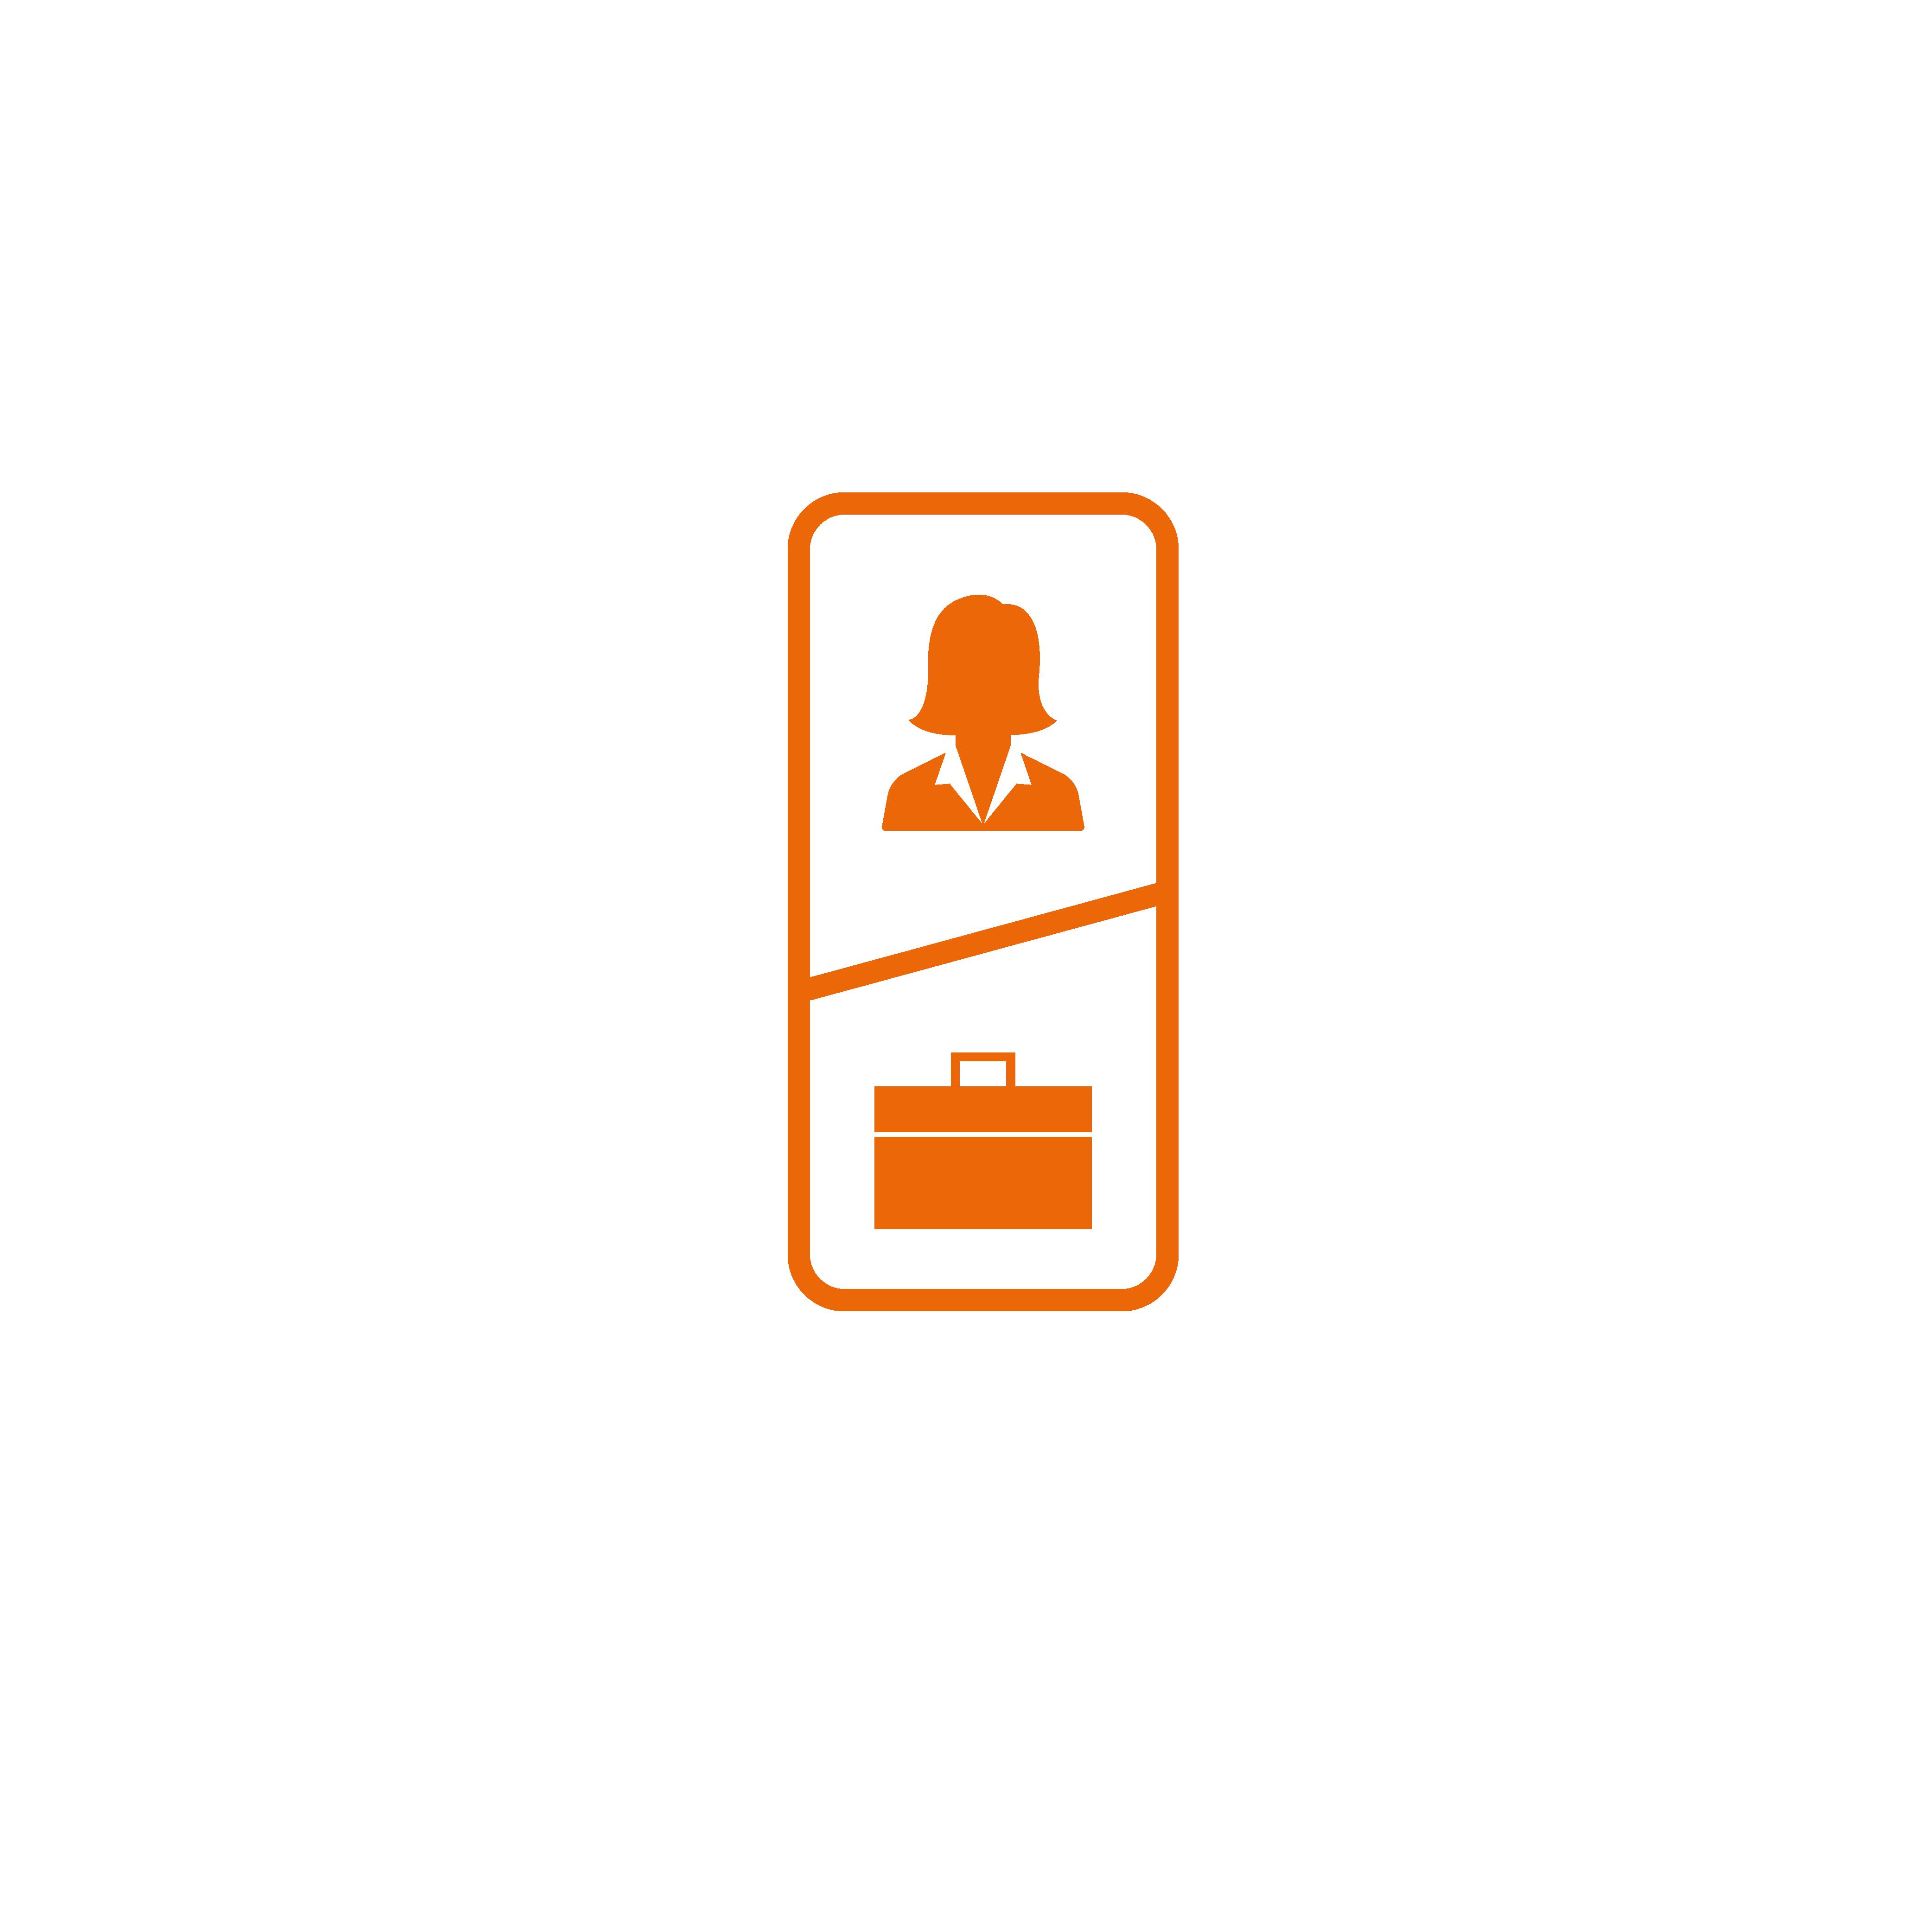 BYOD_03.21_orange